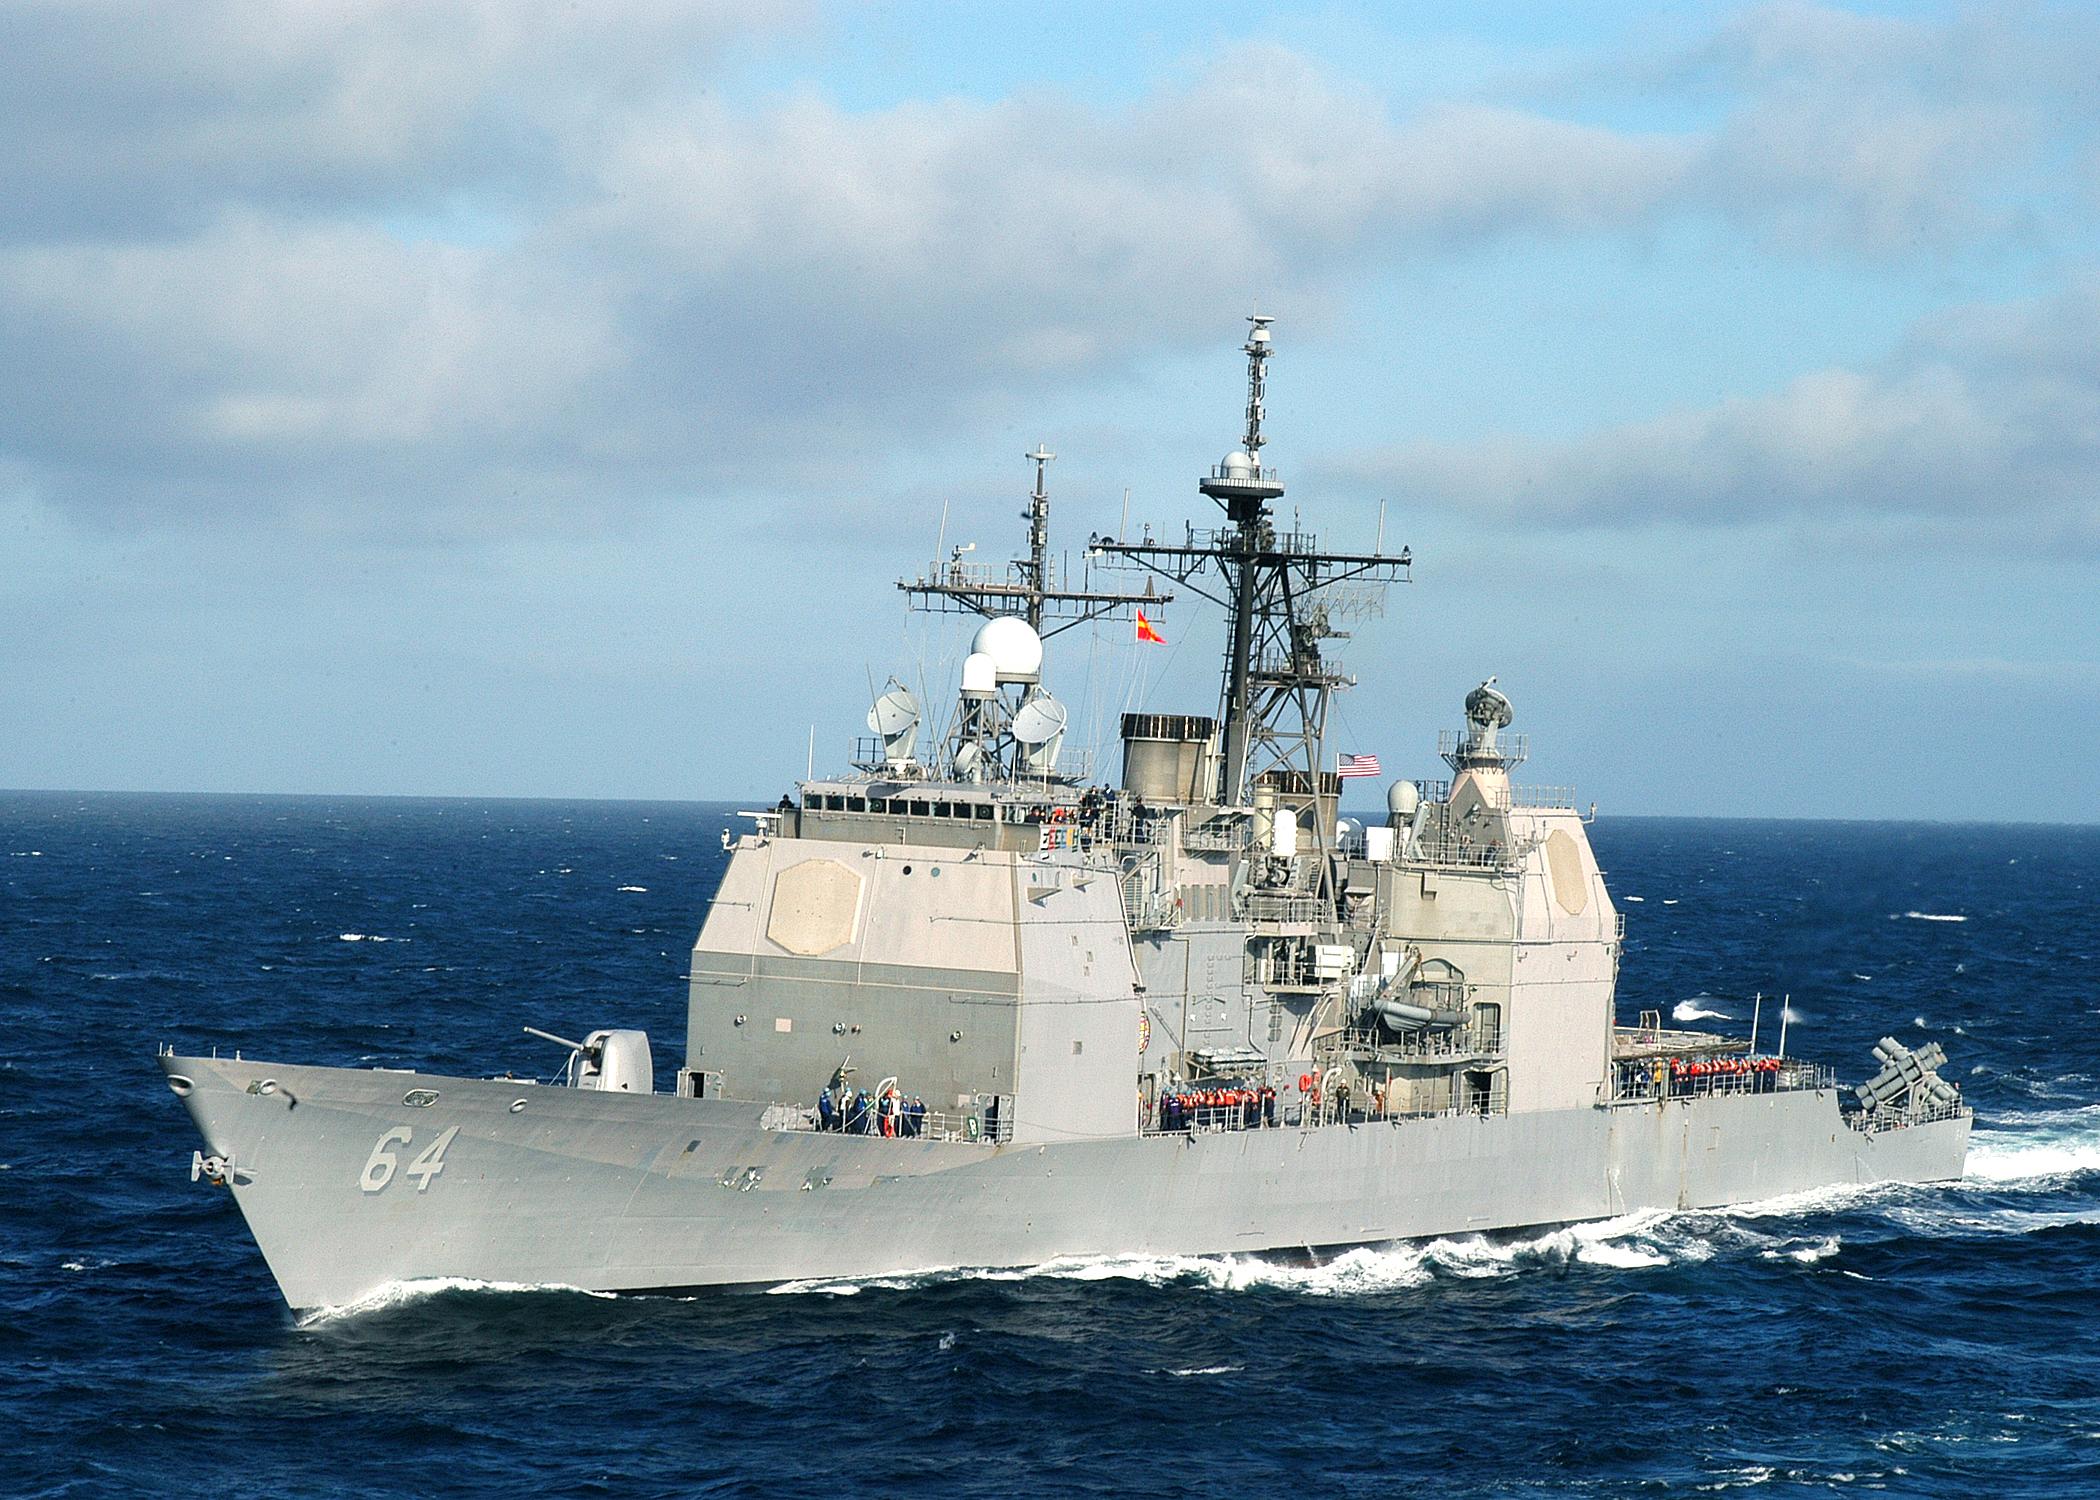 タイコンデロガ級ミサイル巡洋艦の画像 p1_27